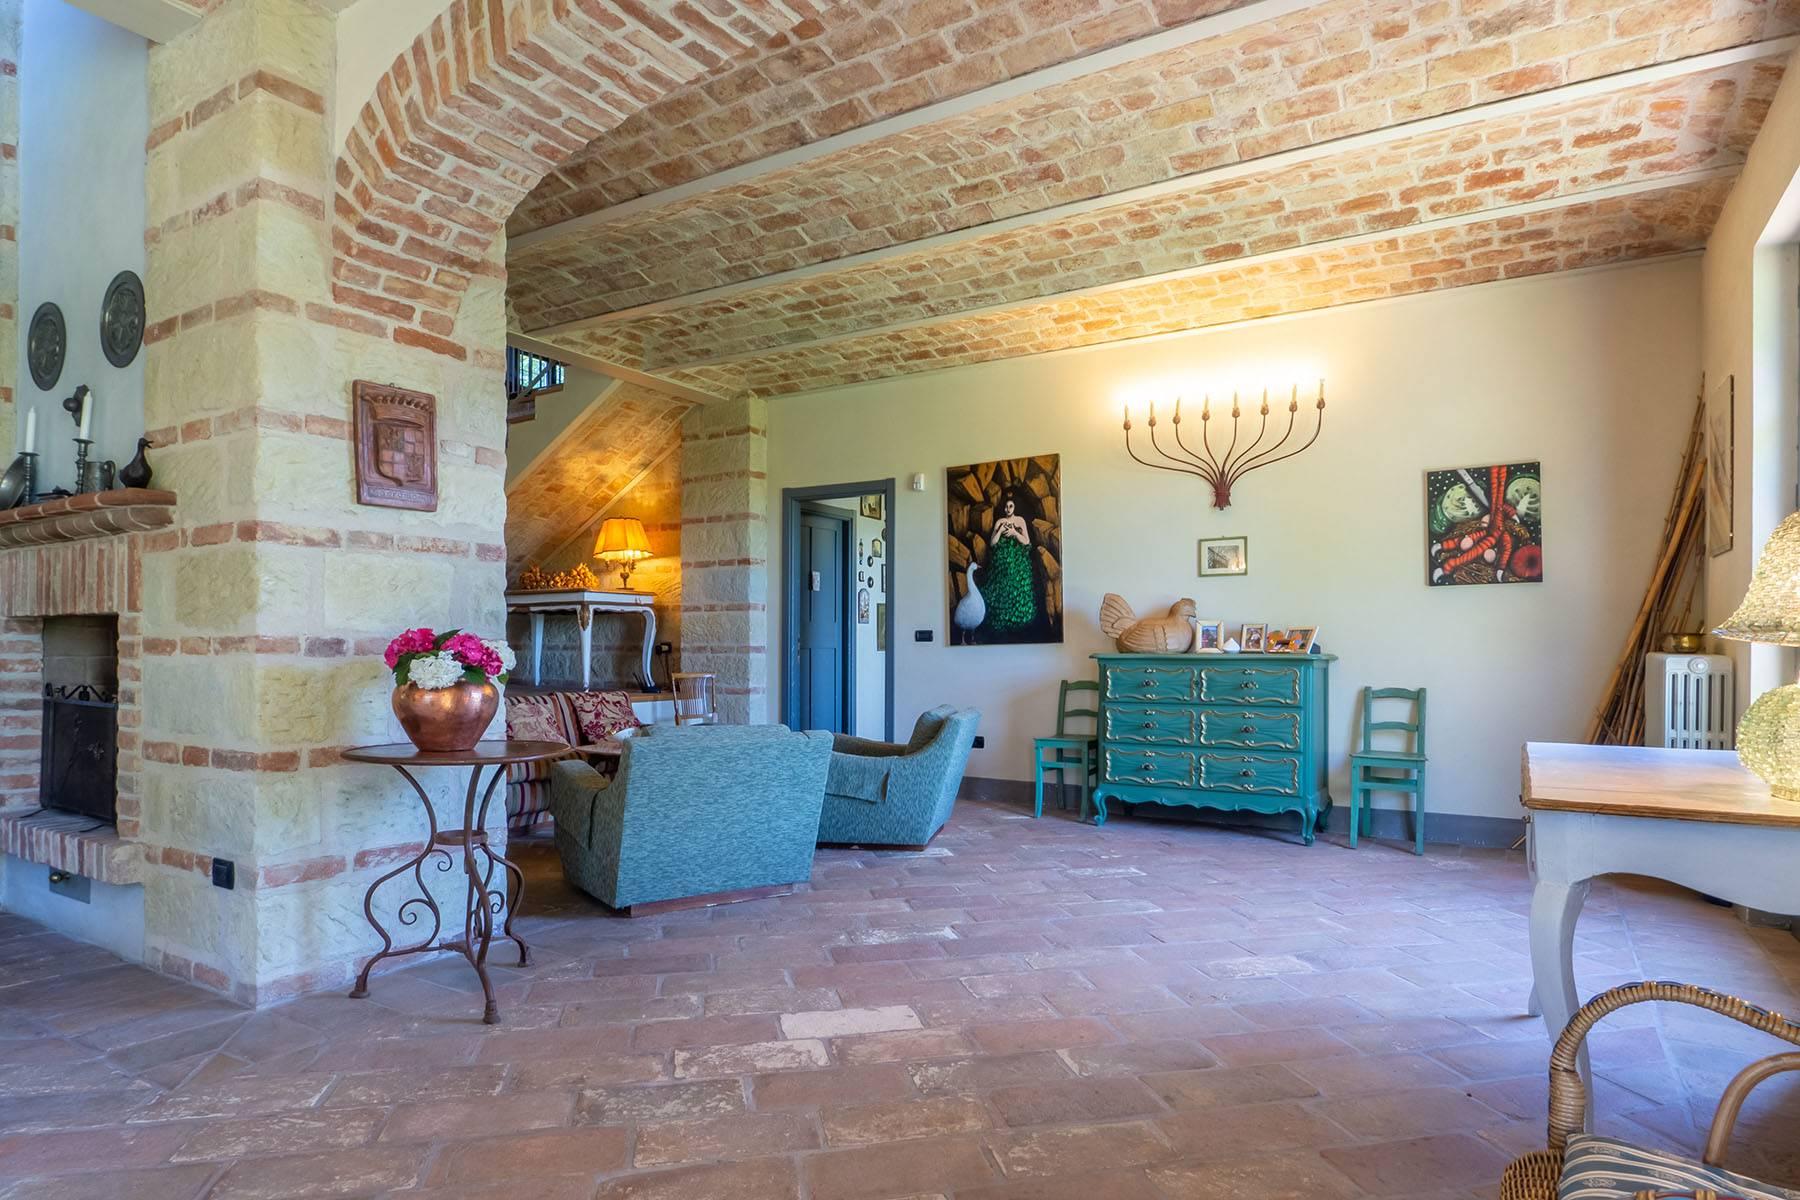 Rustico in Vendita a Ponzano Monferrato: 5 locali, 560 mq - Foto 3